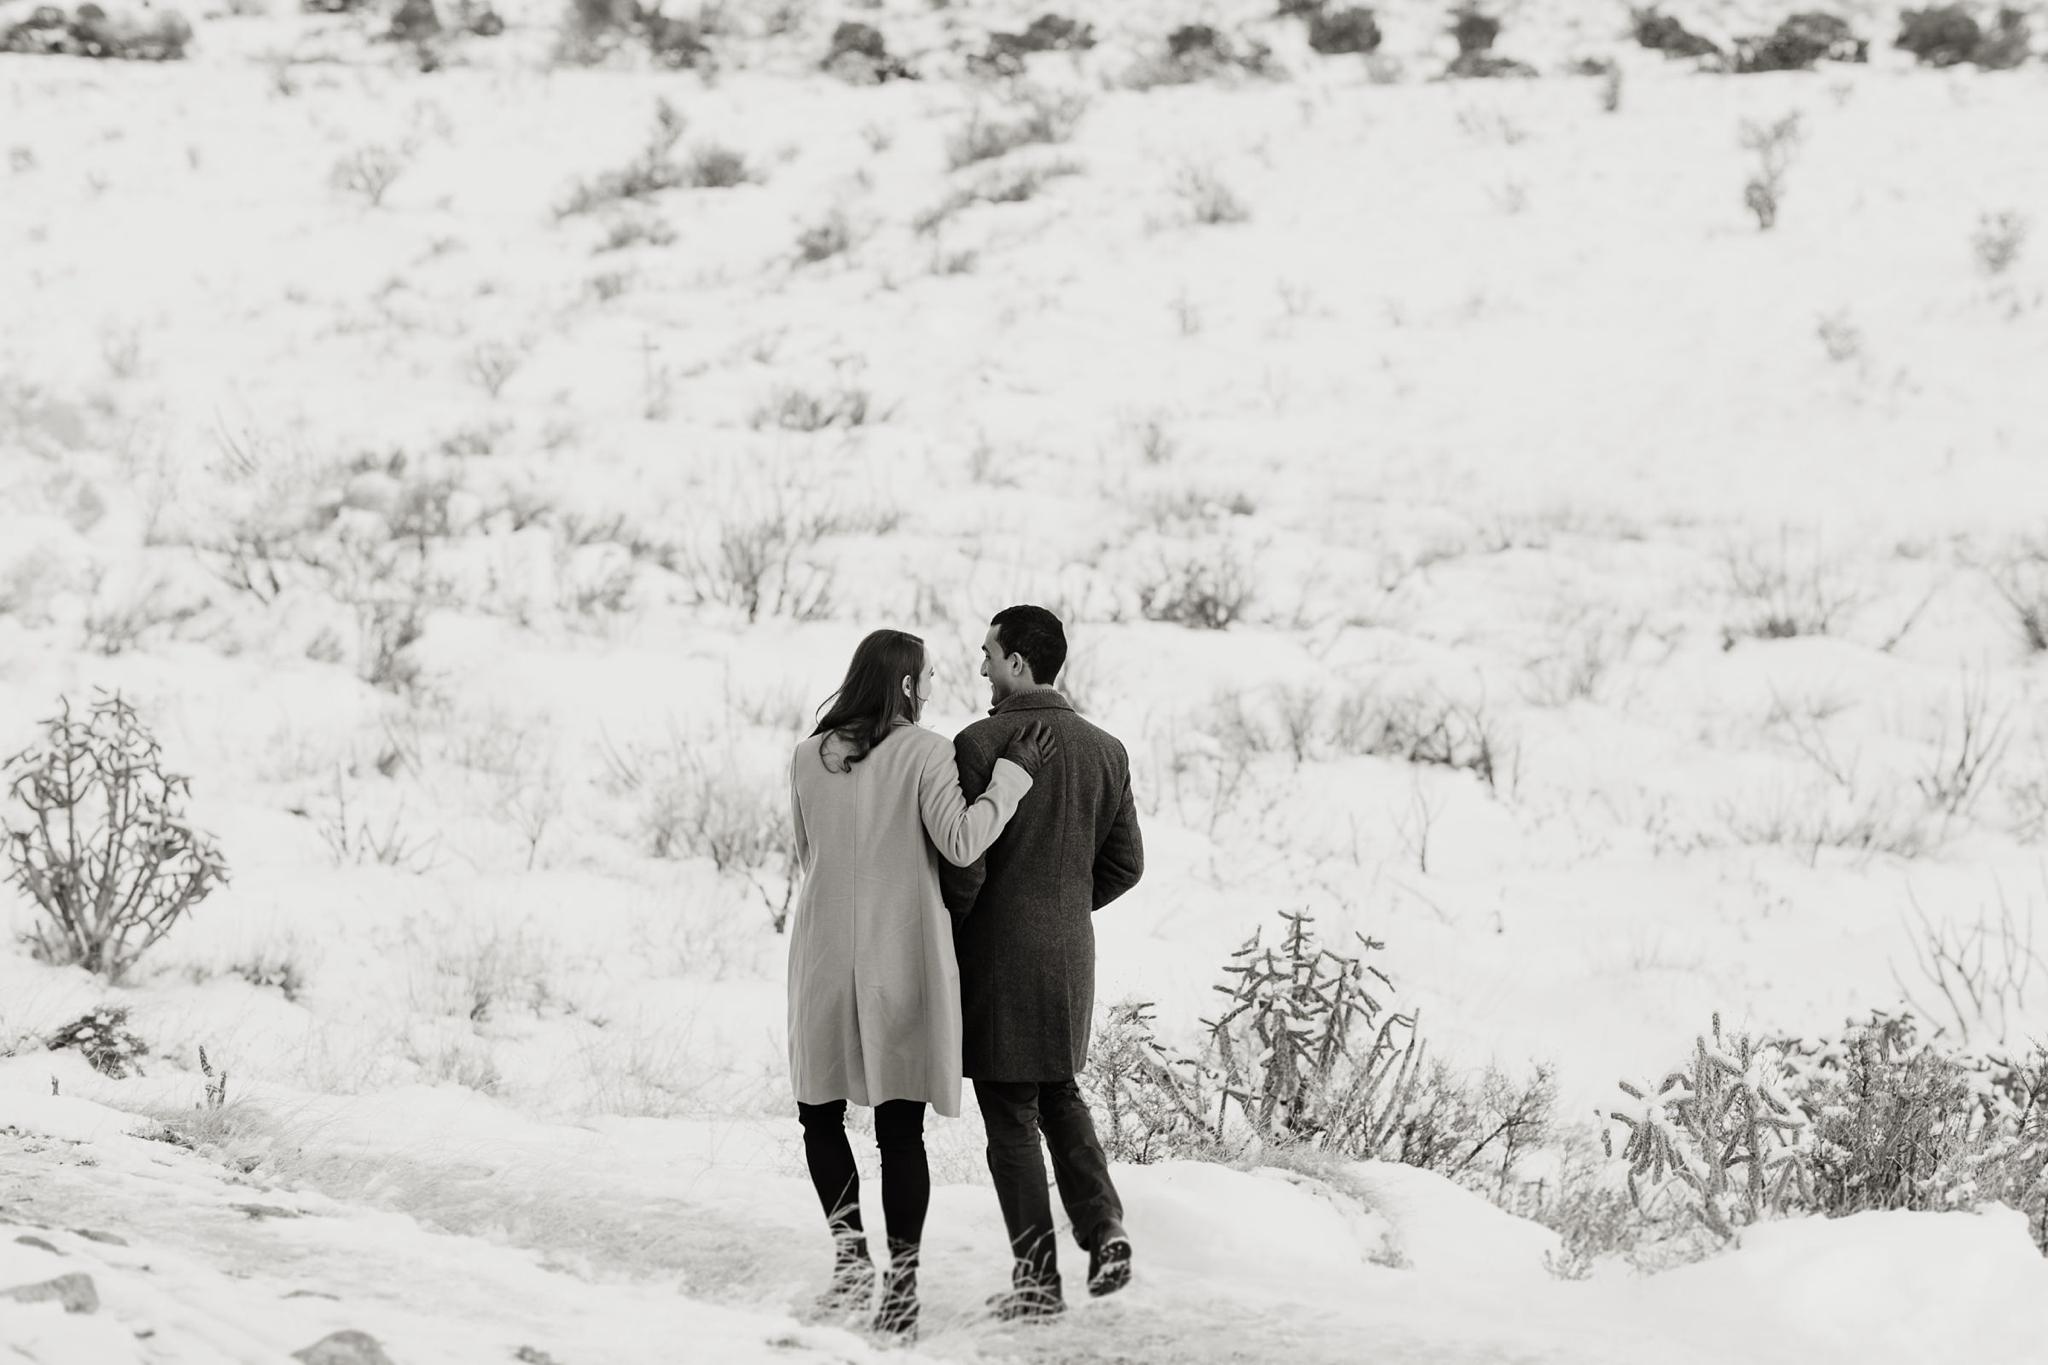 Alicia+lucia+photography+-+albuquerque+wedding+photographer+-+santa+fe+wedding+photography+-+new+mexico+wedding+photographer+-+new+mexico+wedding+-+engagement+-+winter+engagement+-+santa+fe+wedding+-+loretto+wedding+-+hindu+wedding_0015.jpg